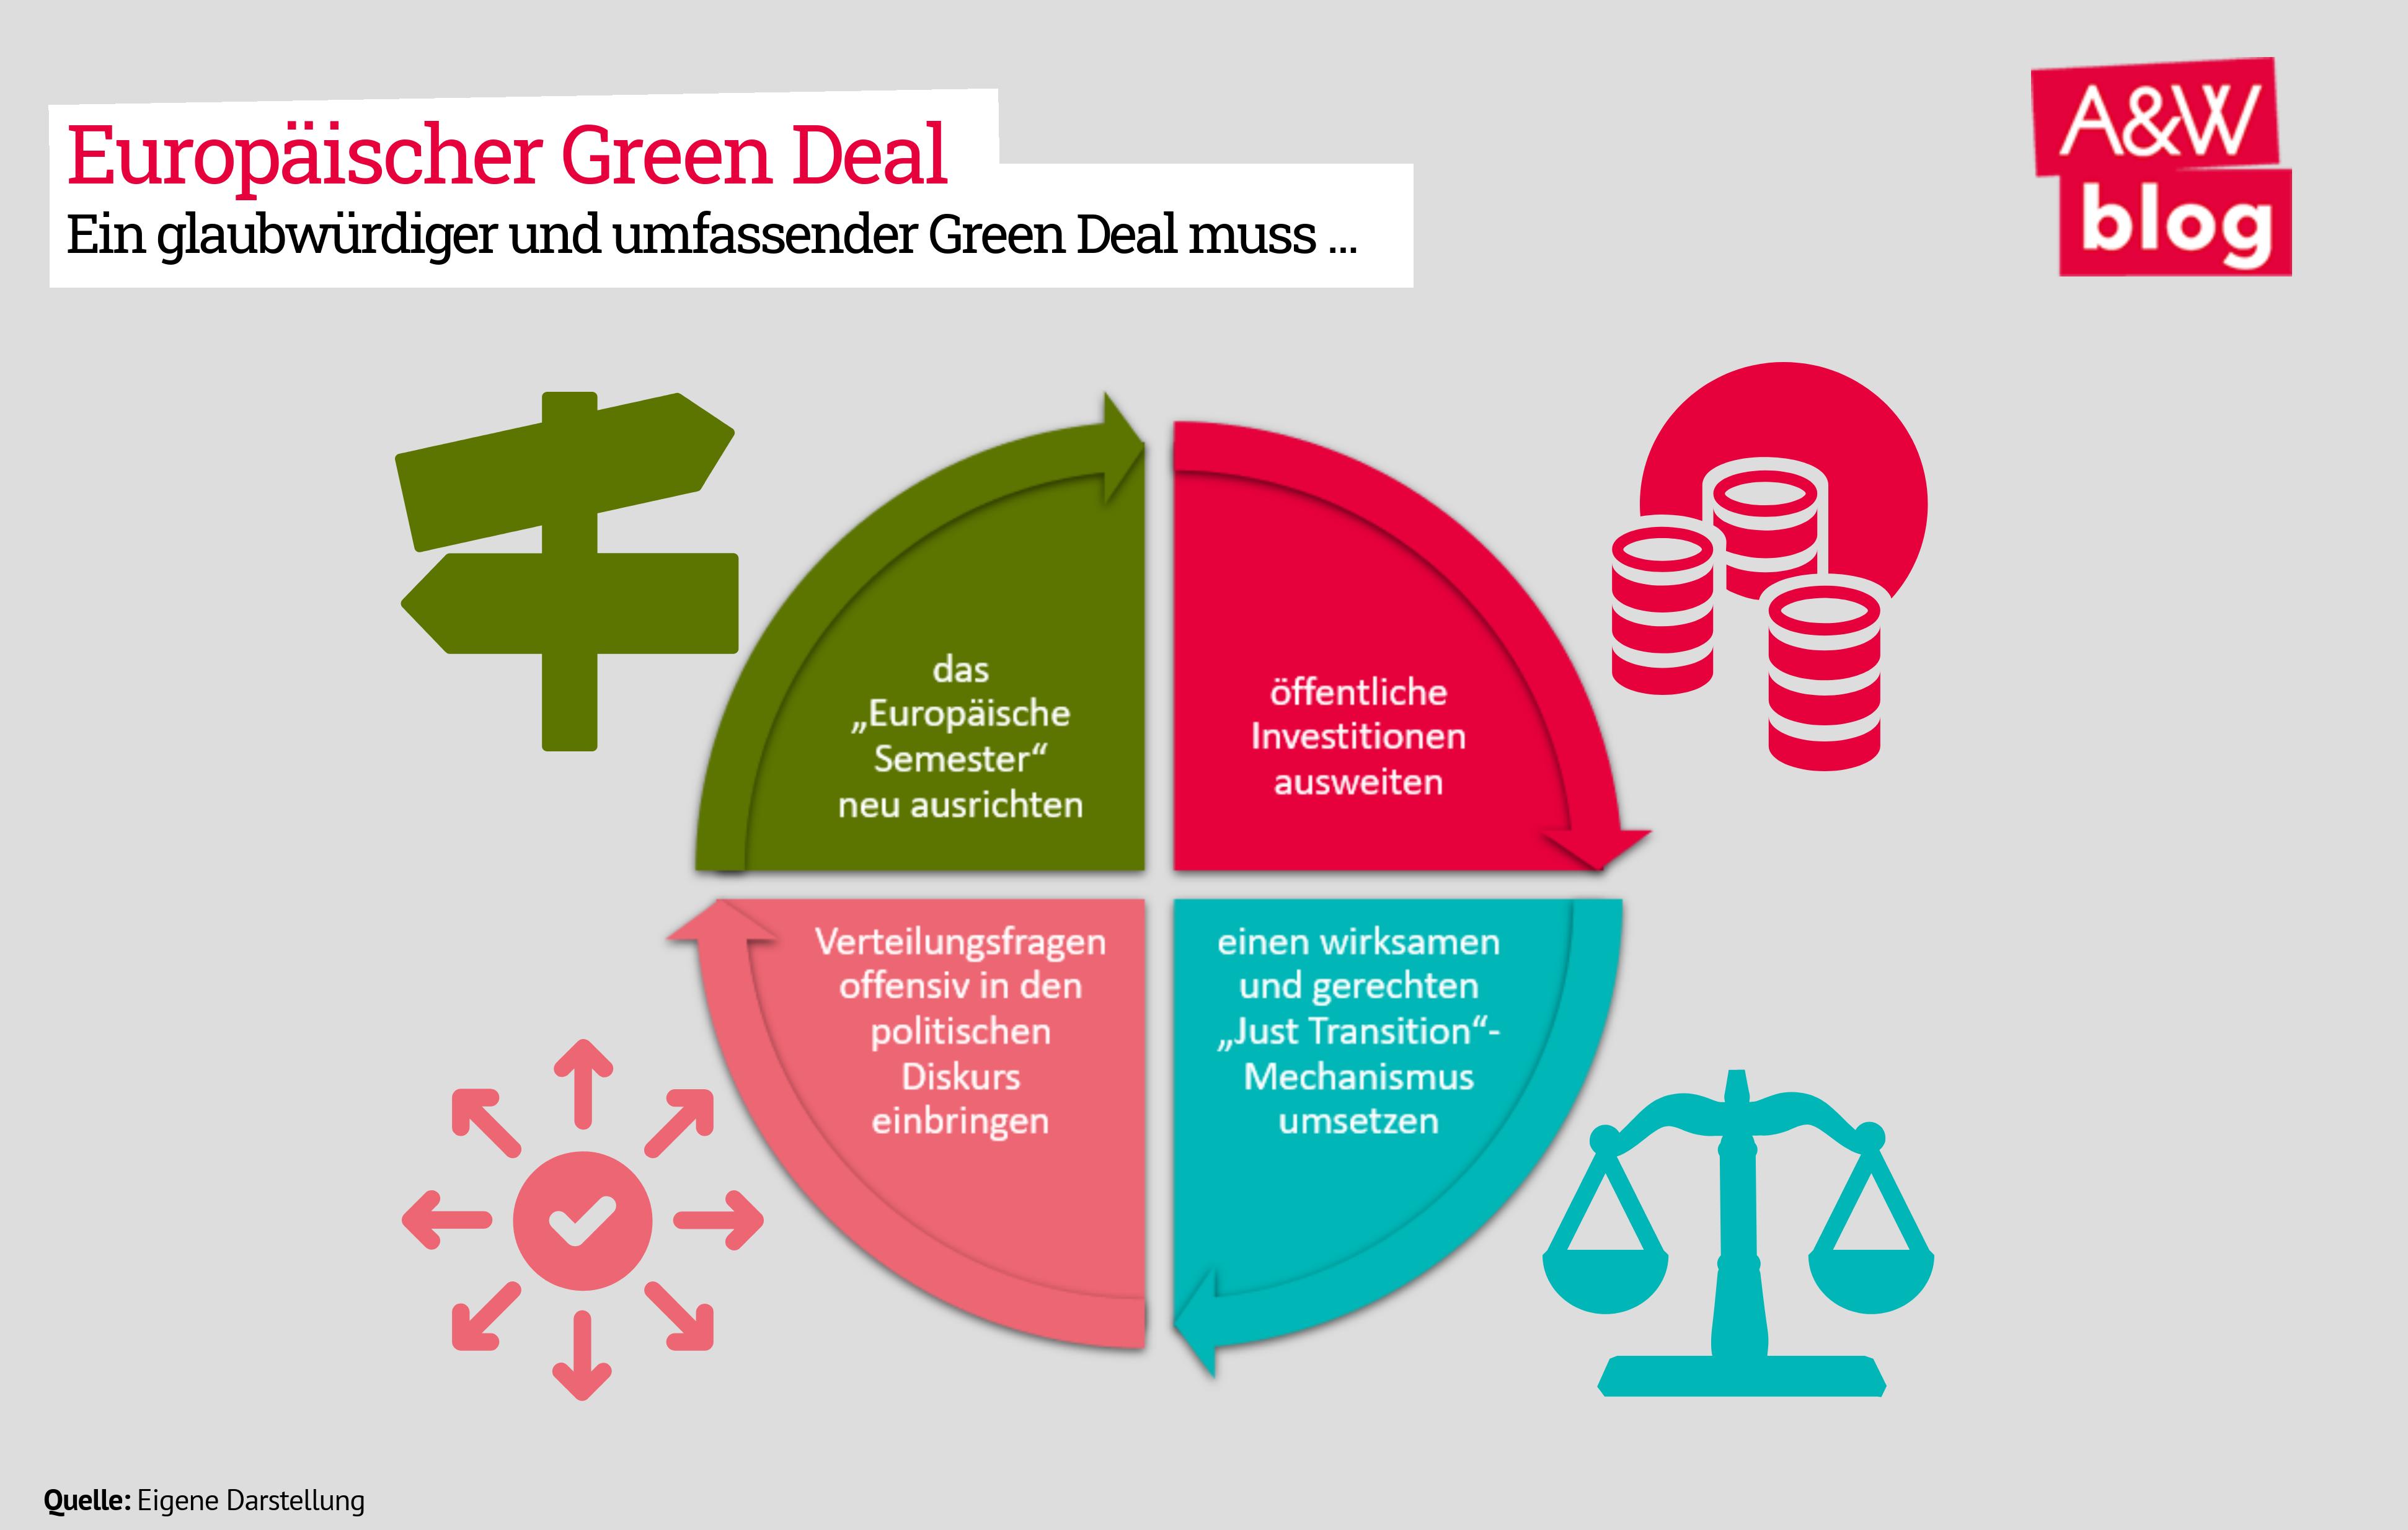 Europäischer Green Deal